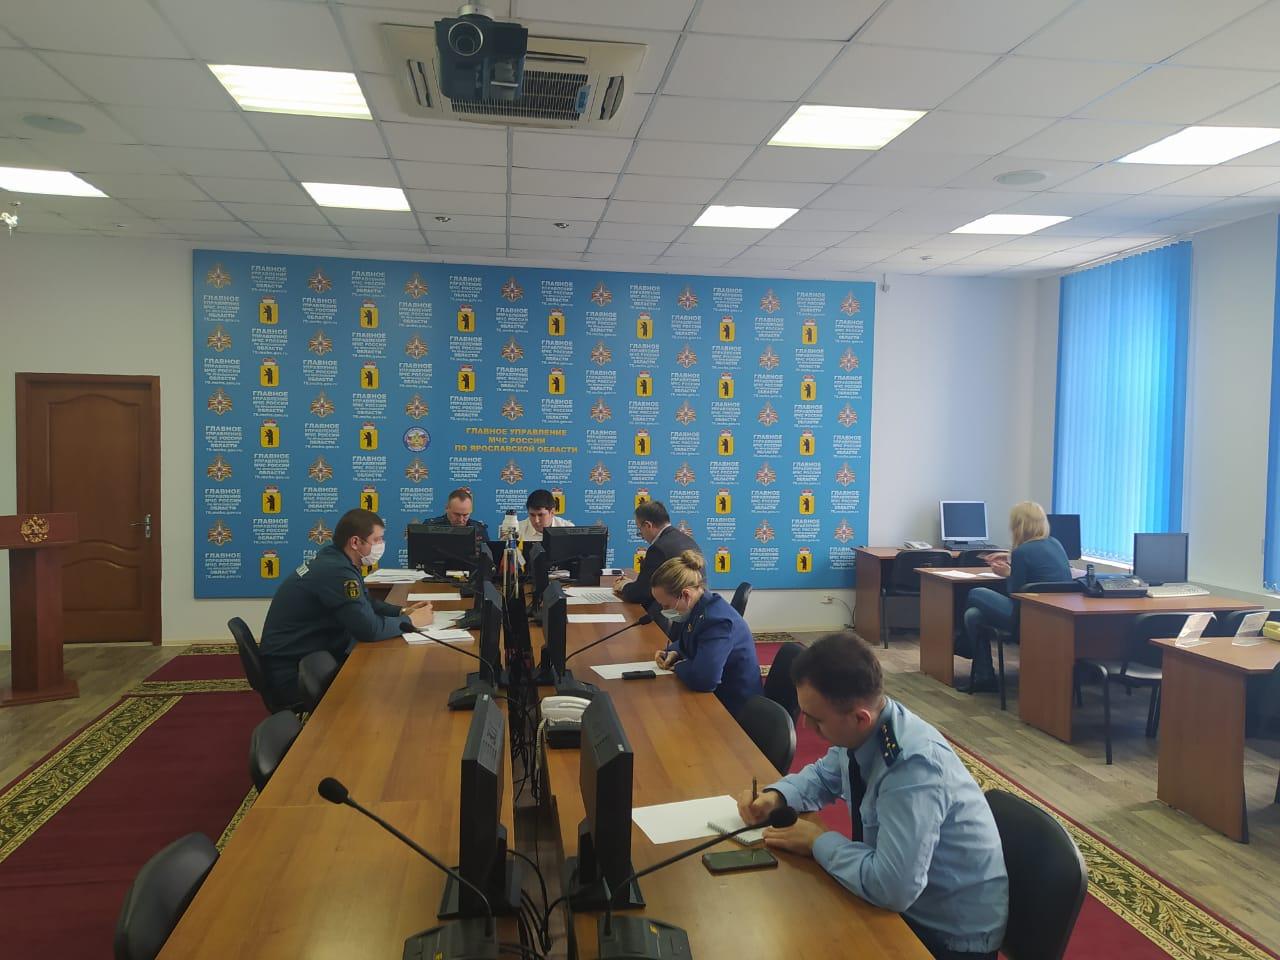 Работу гидроузлов Горьковского и Рыбинского водохранилища синхронизируют для улучшения гидрологической ситуации в Ярославской области